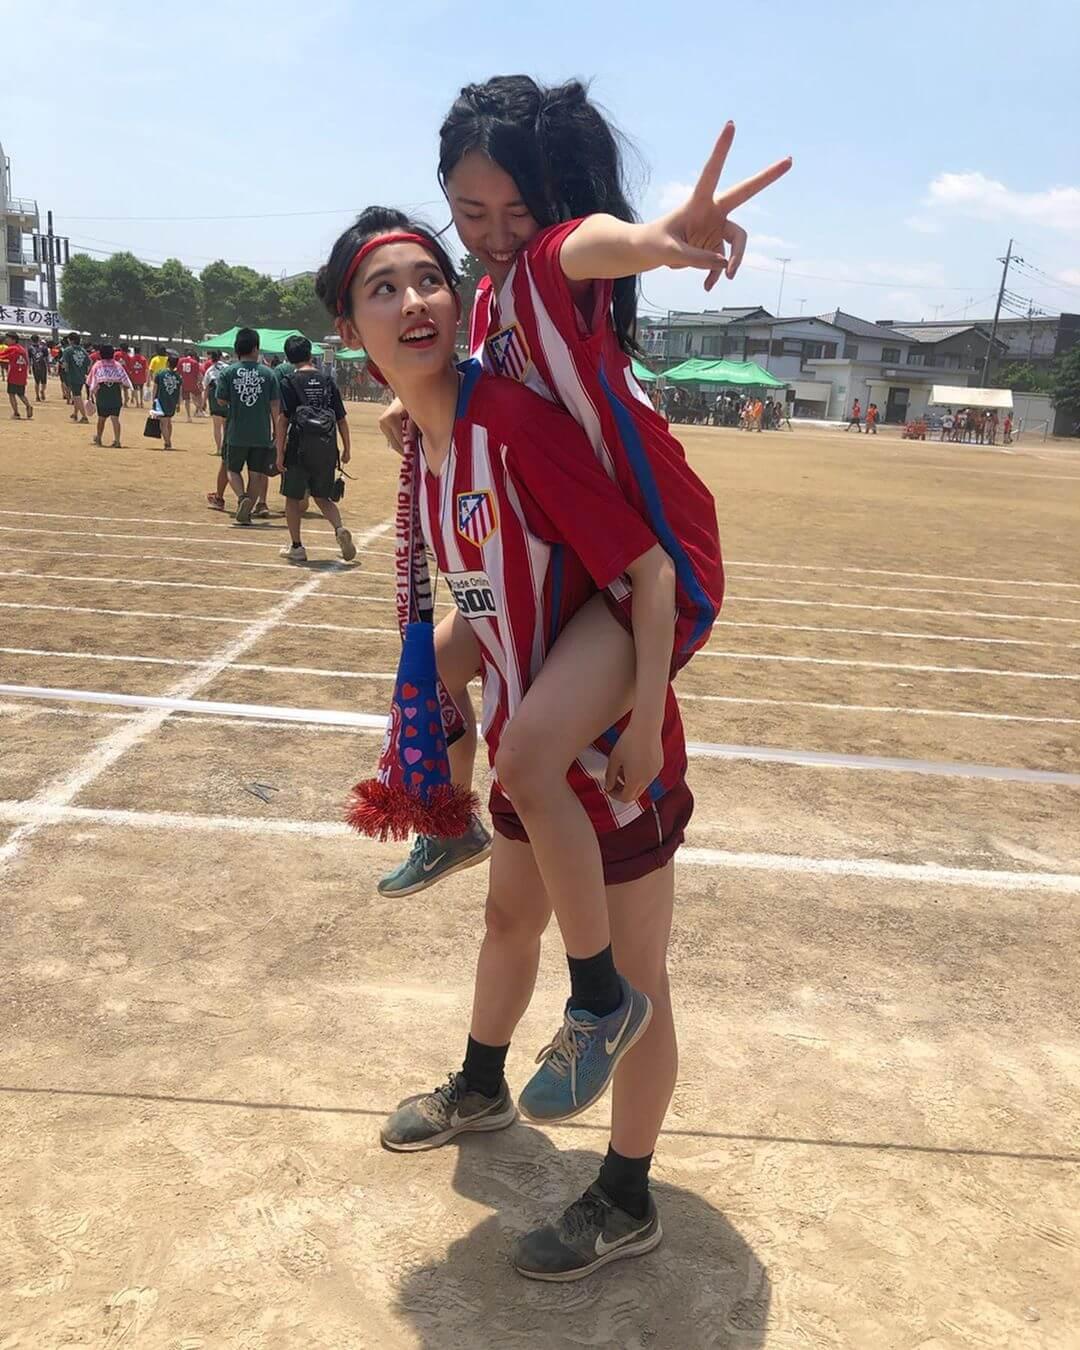 【画像】体育祭で元気いっぱいなJKちゃん達の写真をどうぞ